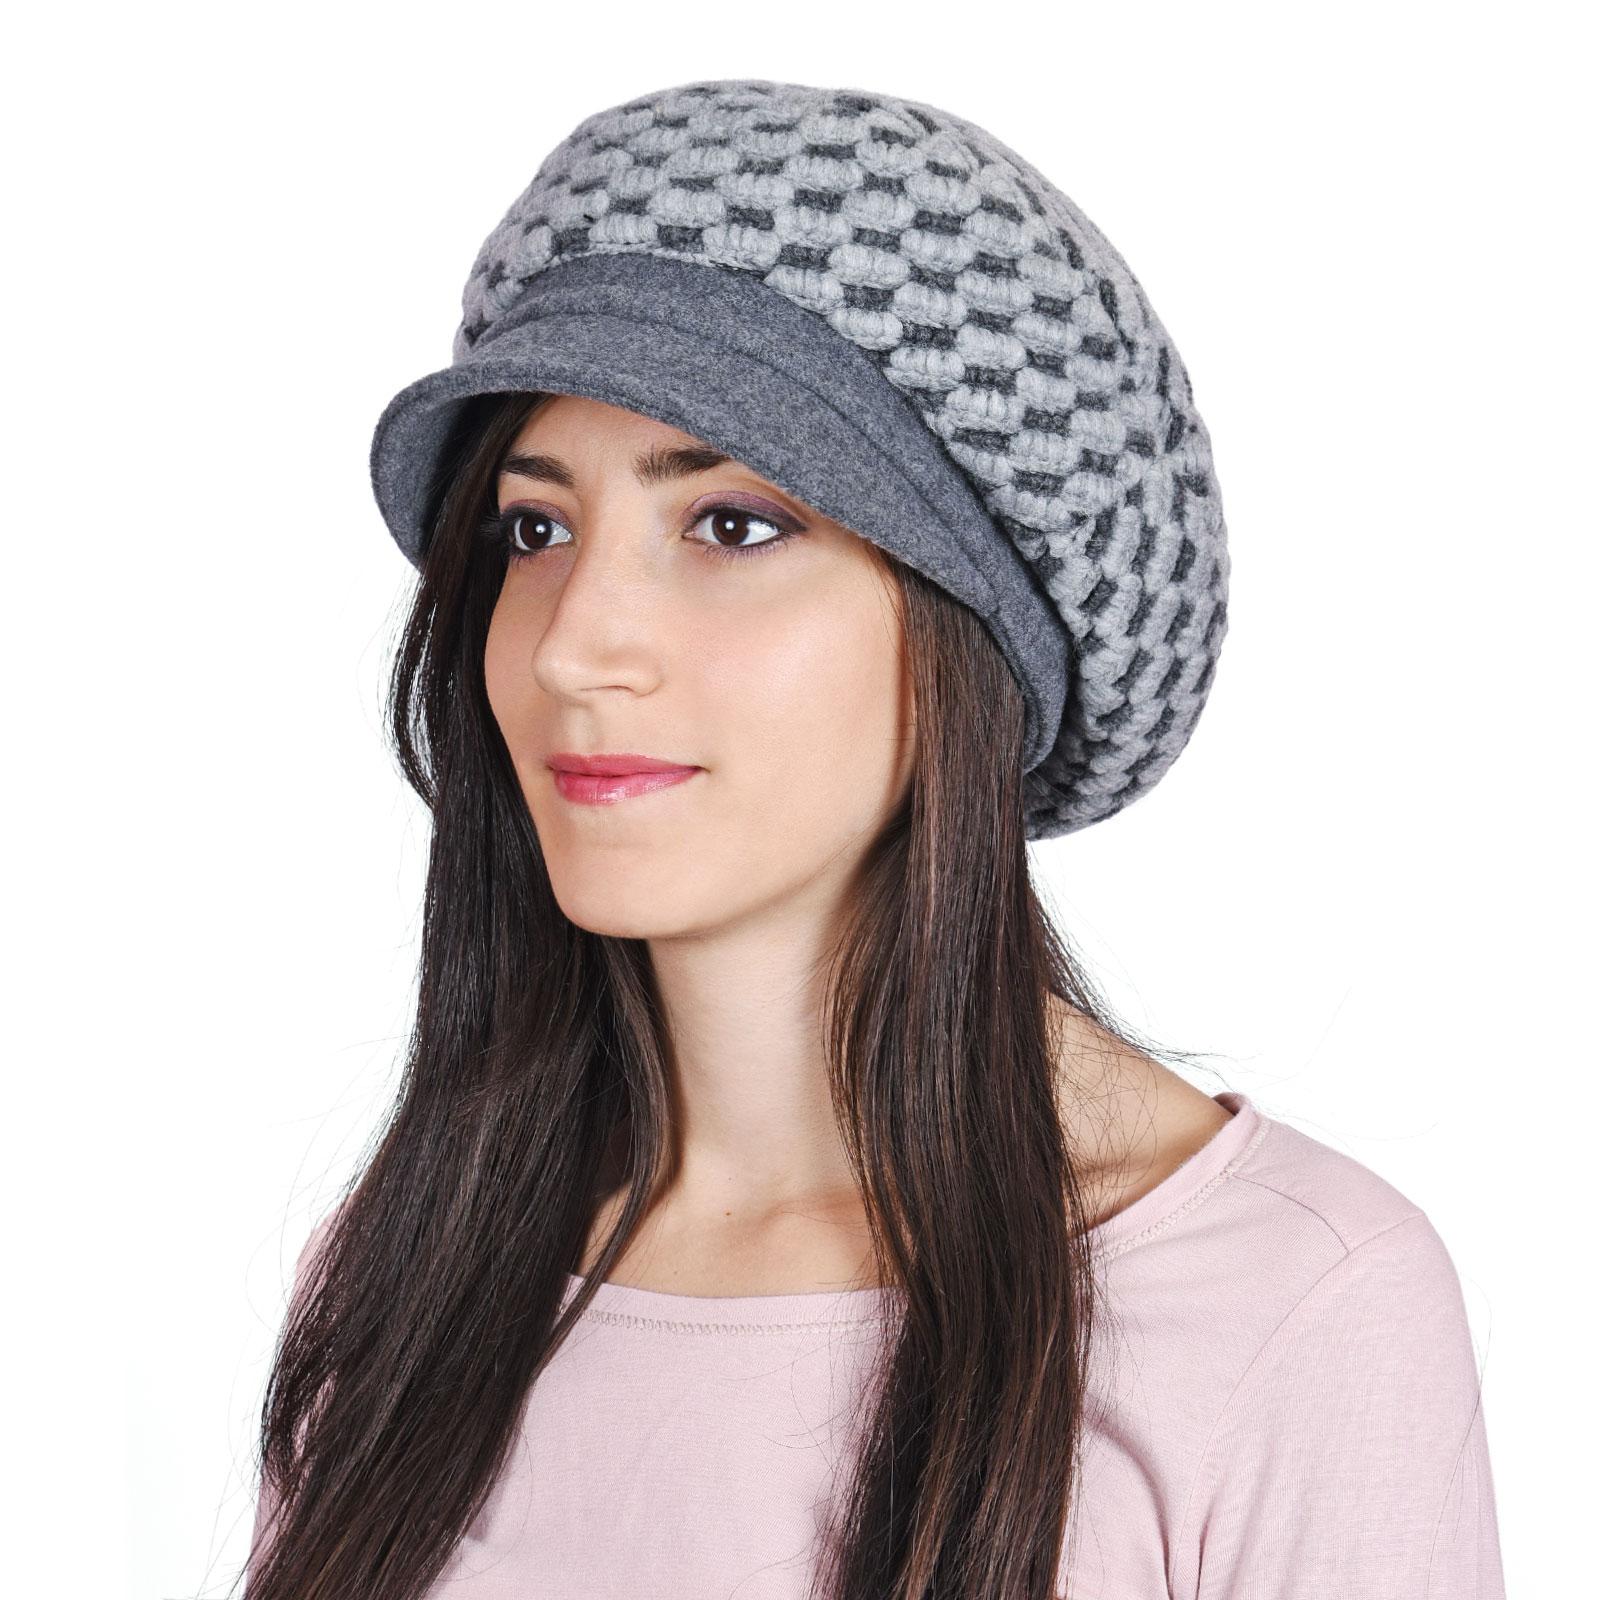 CP-01003-VF16-P-casquette-laine-femme-gris